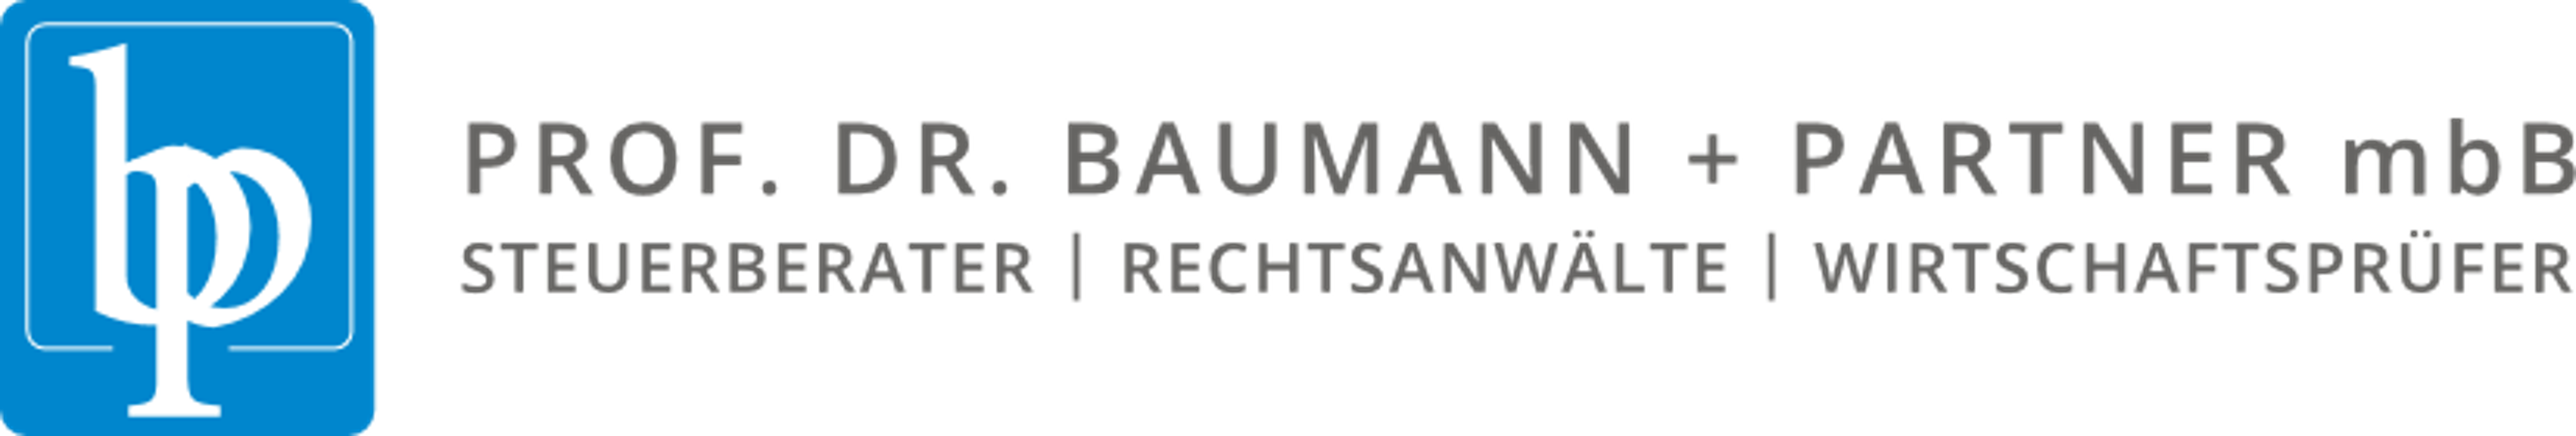 Bild zu Prof. Dr. Baumann + Partner mbB in Ellwangen Jagst